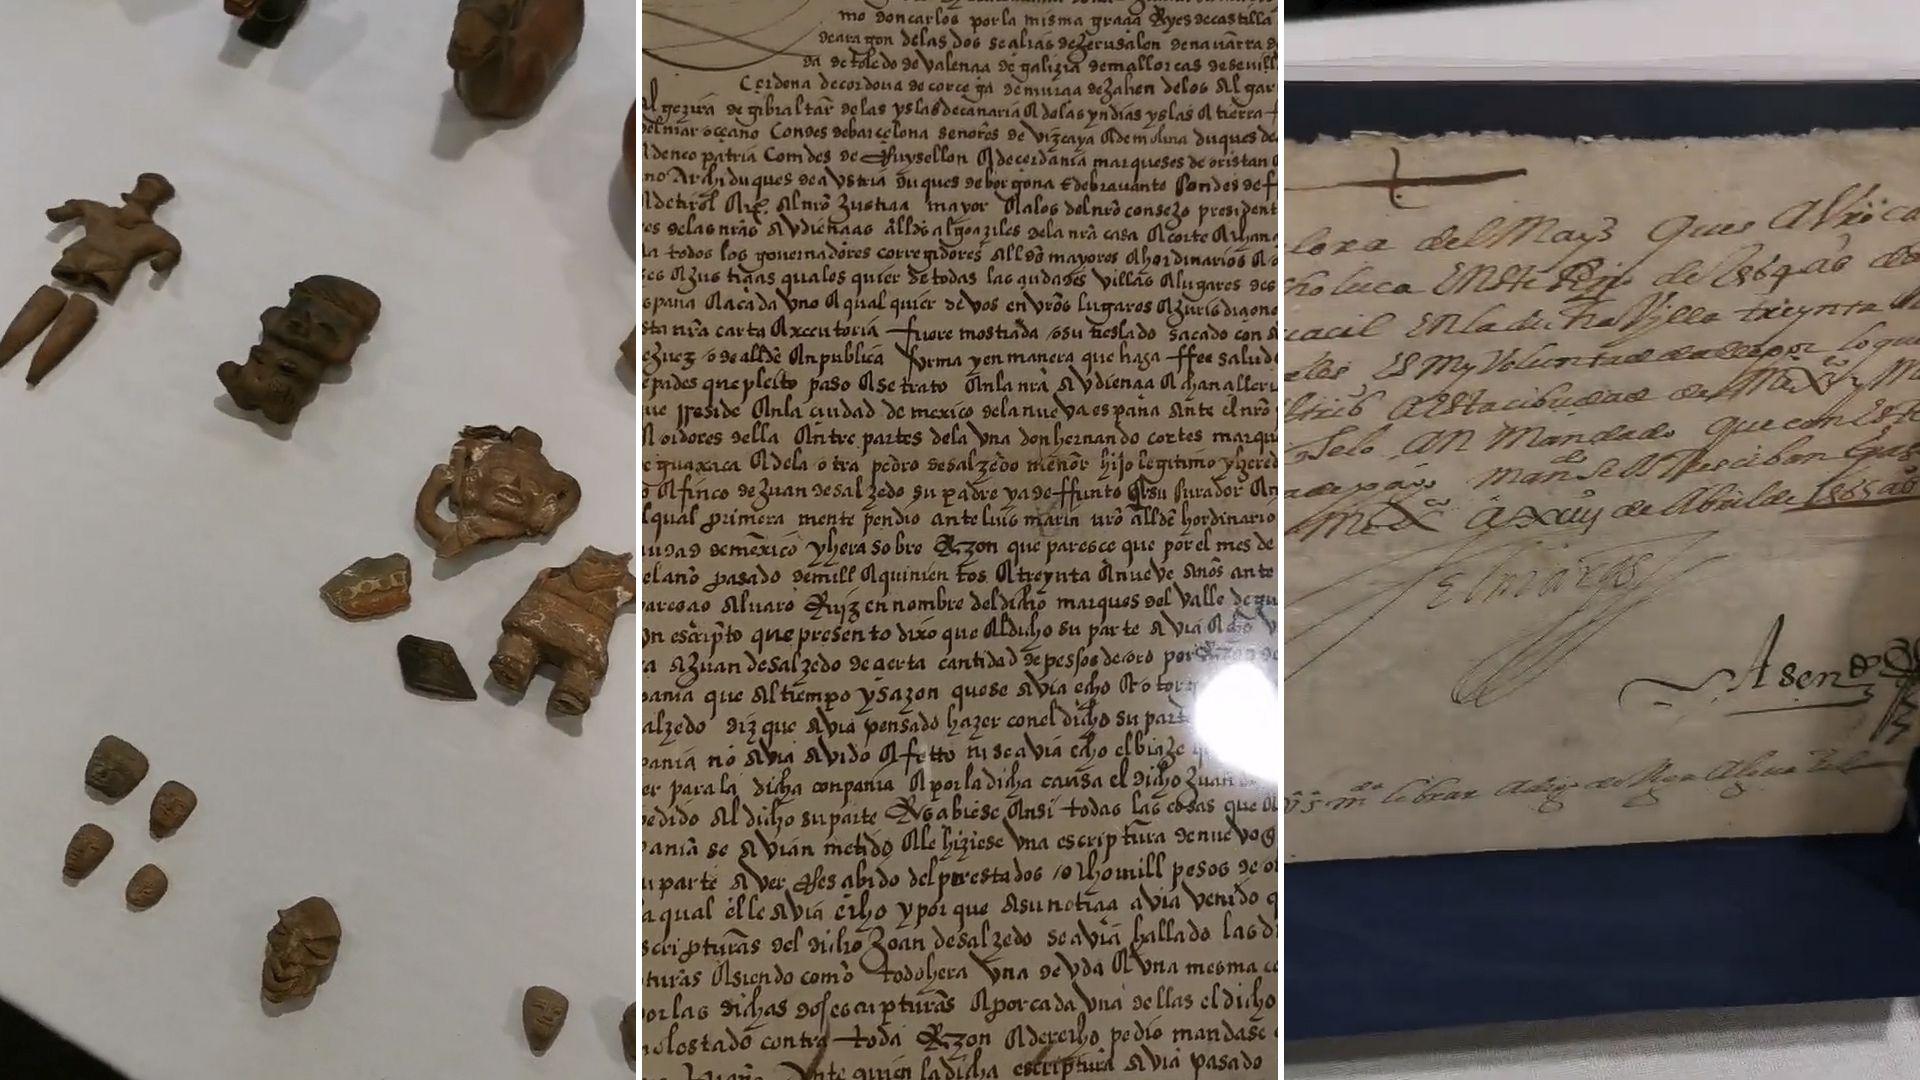 Documentos históricos del siglo XVI, incluyendo Carta de Hernán Cortés recuperados